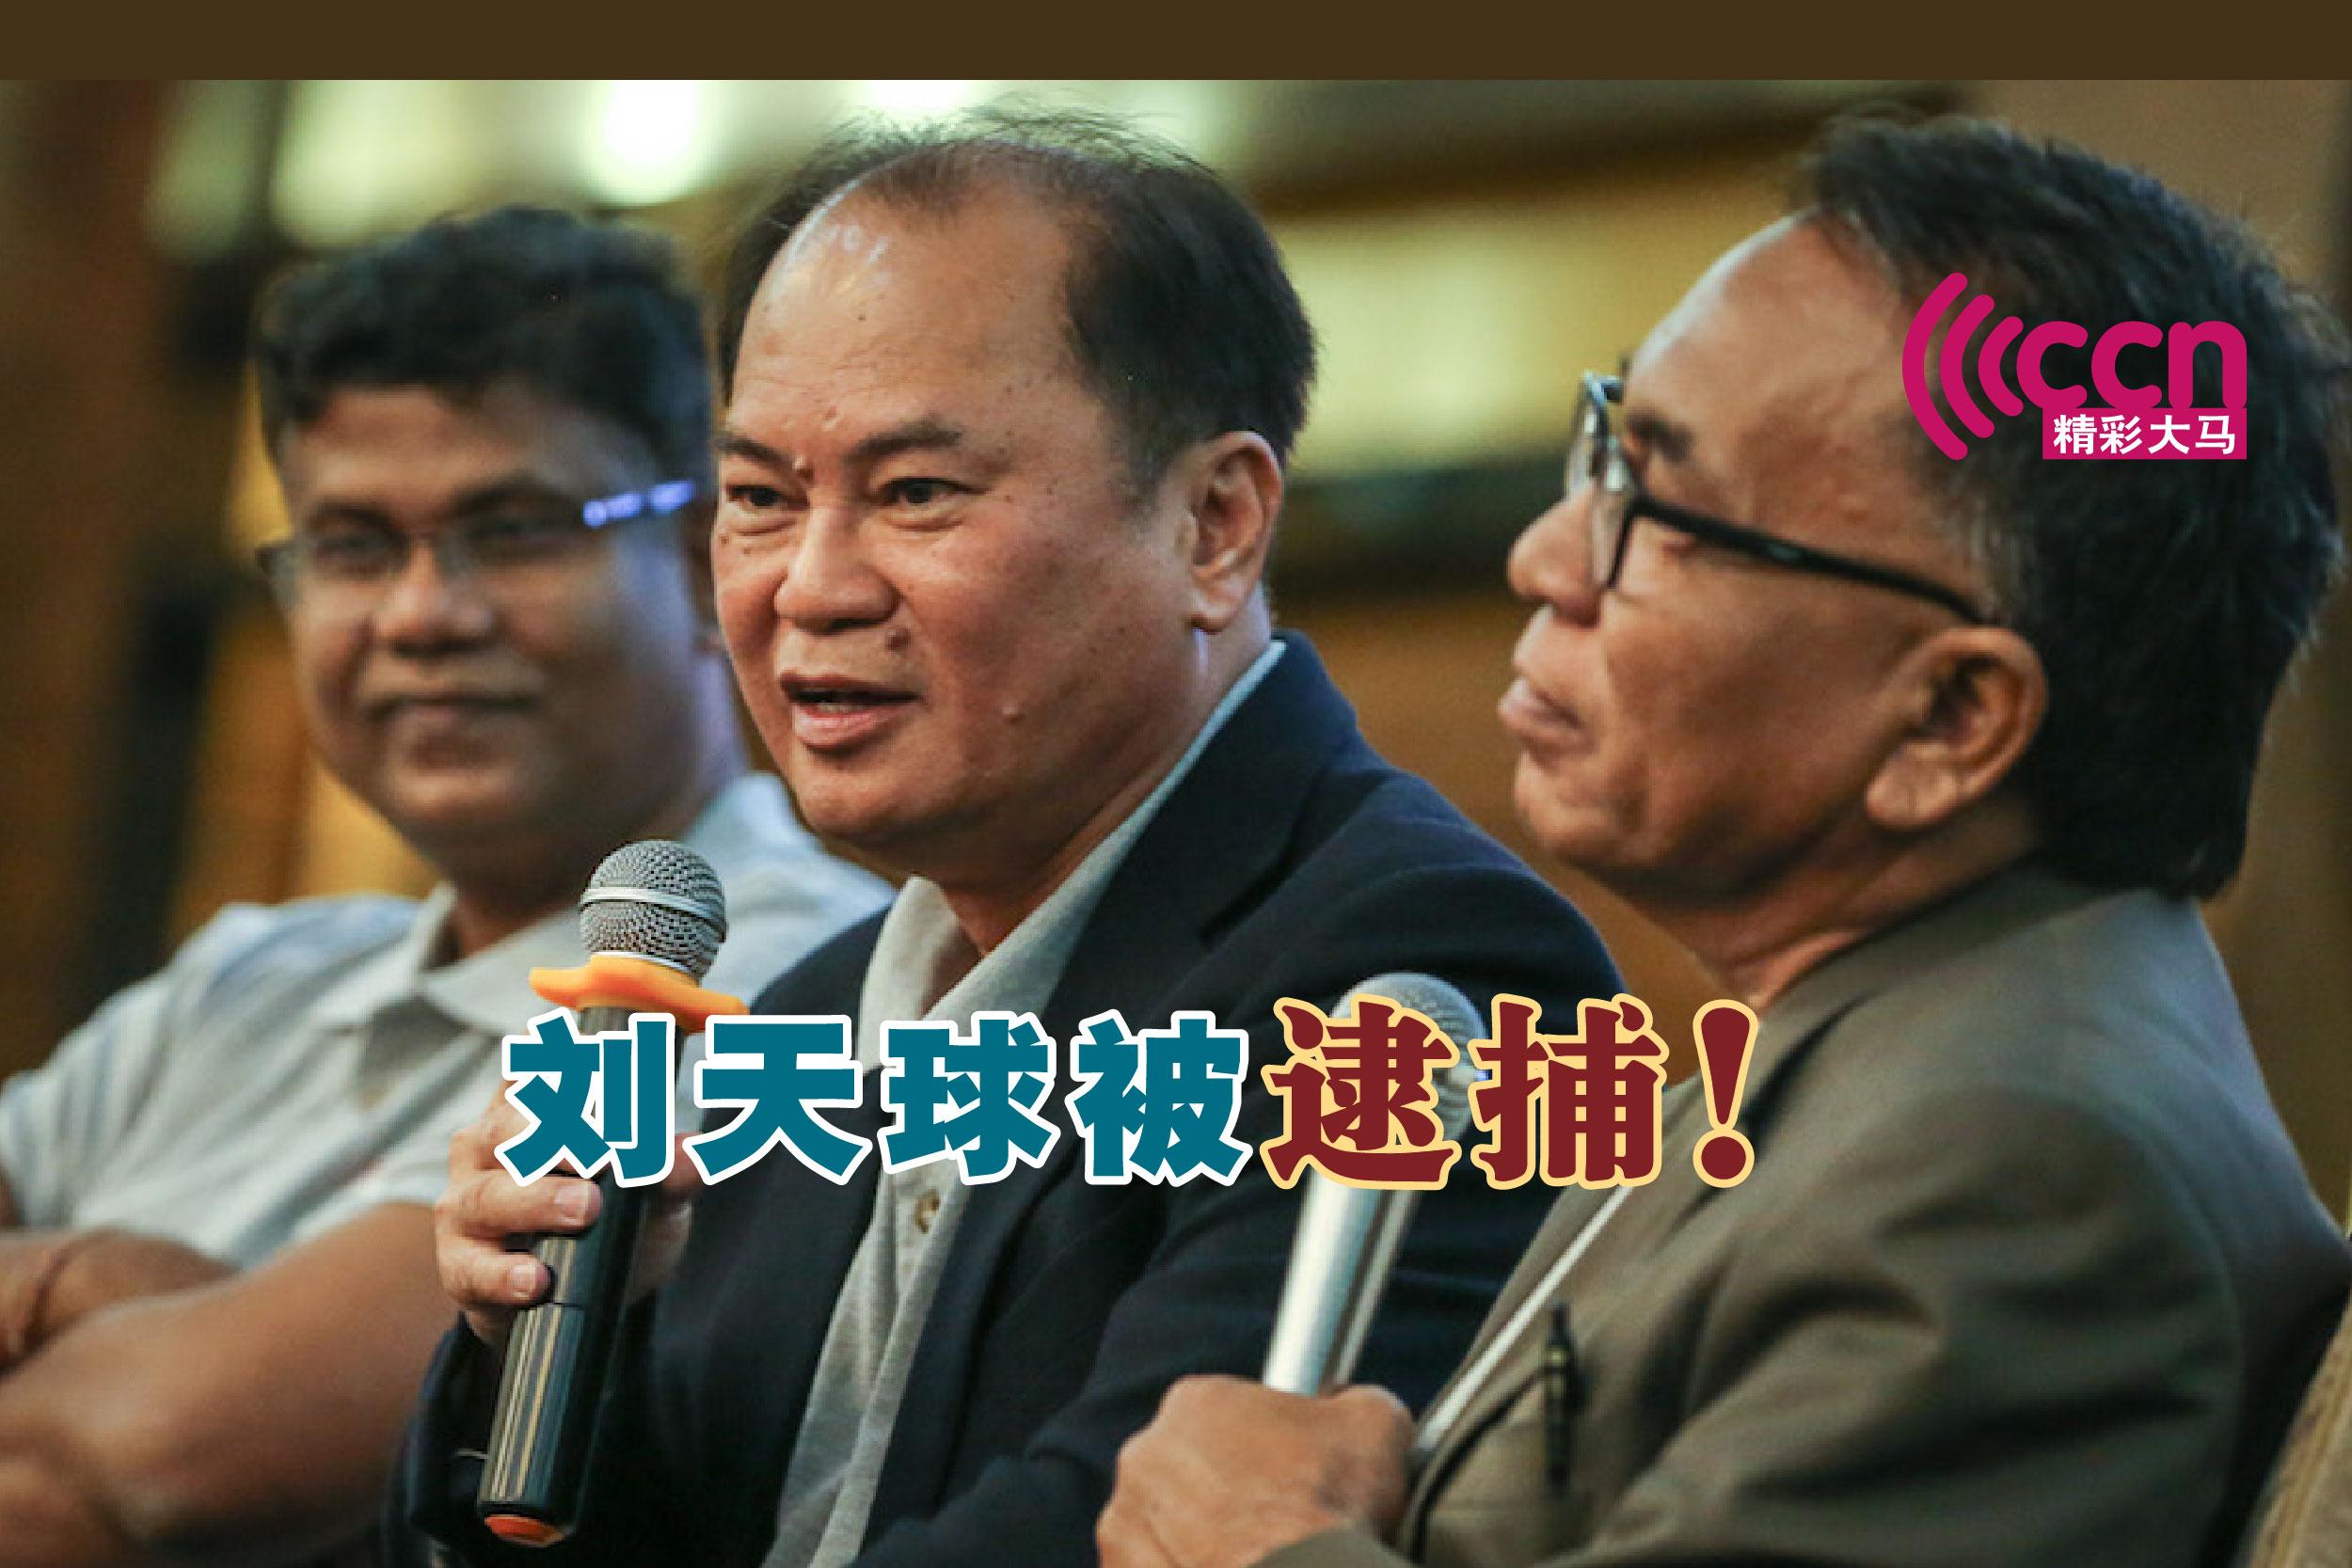 刘天球遭警方逮捕,助查涉嫌在面子书发表煽动人民憎恨王室的言论。-精彩大马制图-